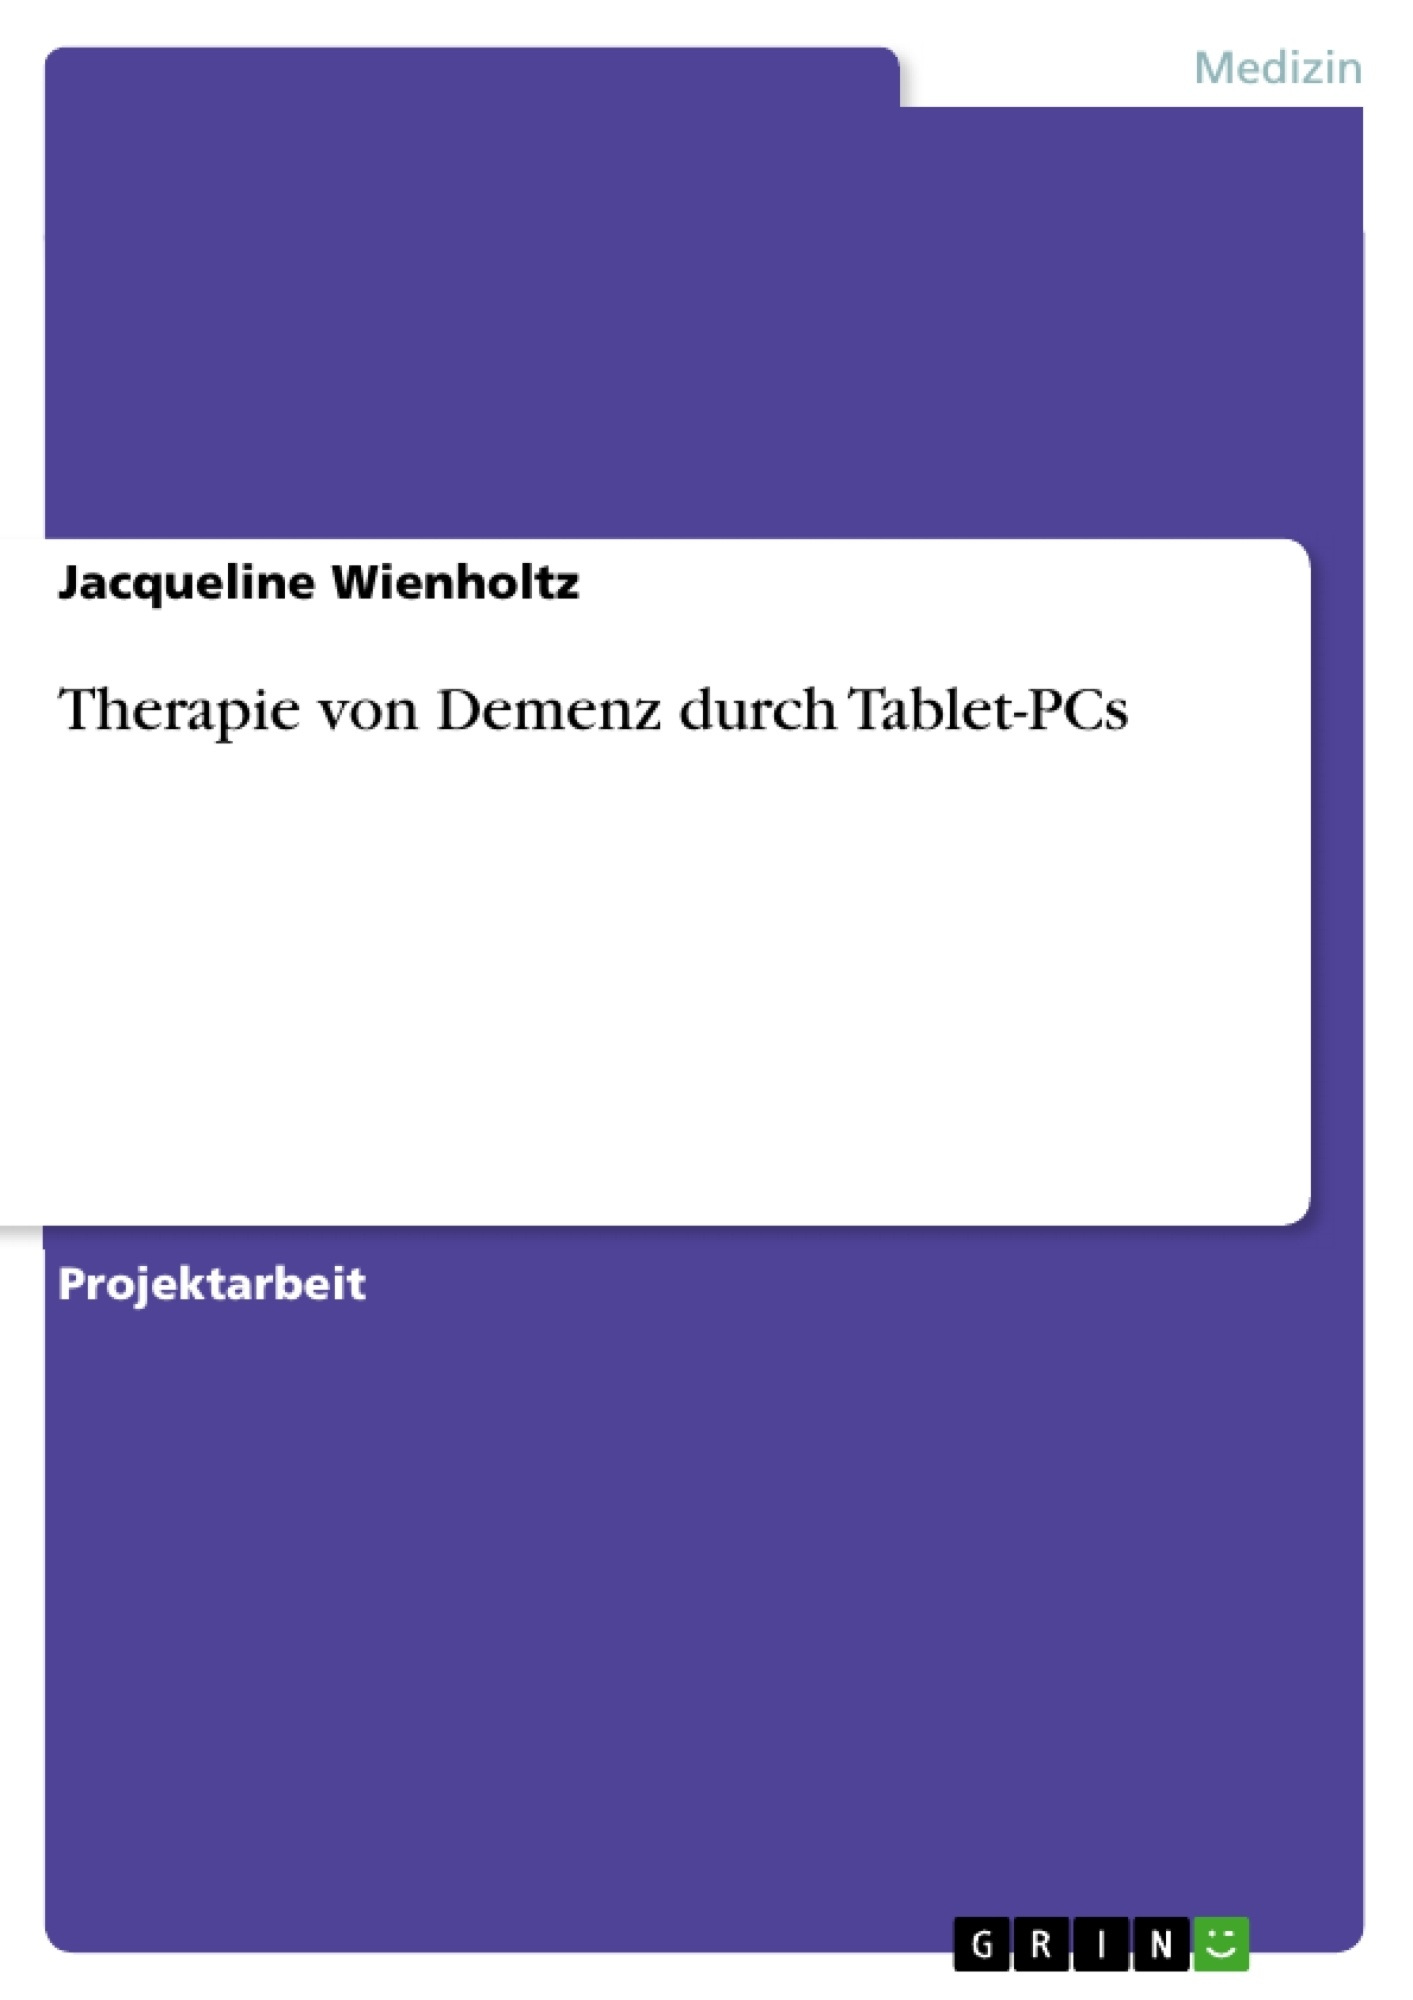 Titel: Therapie von Demenz durch Tablet-PCs